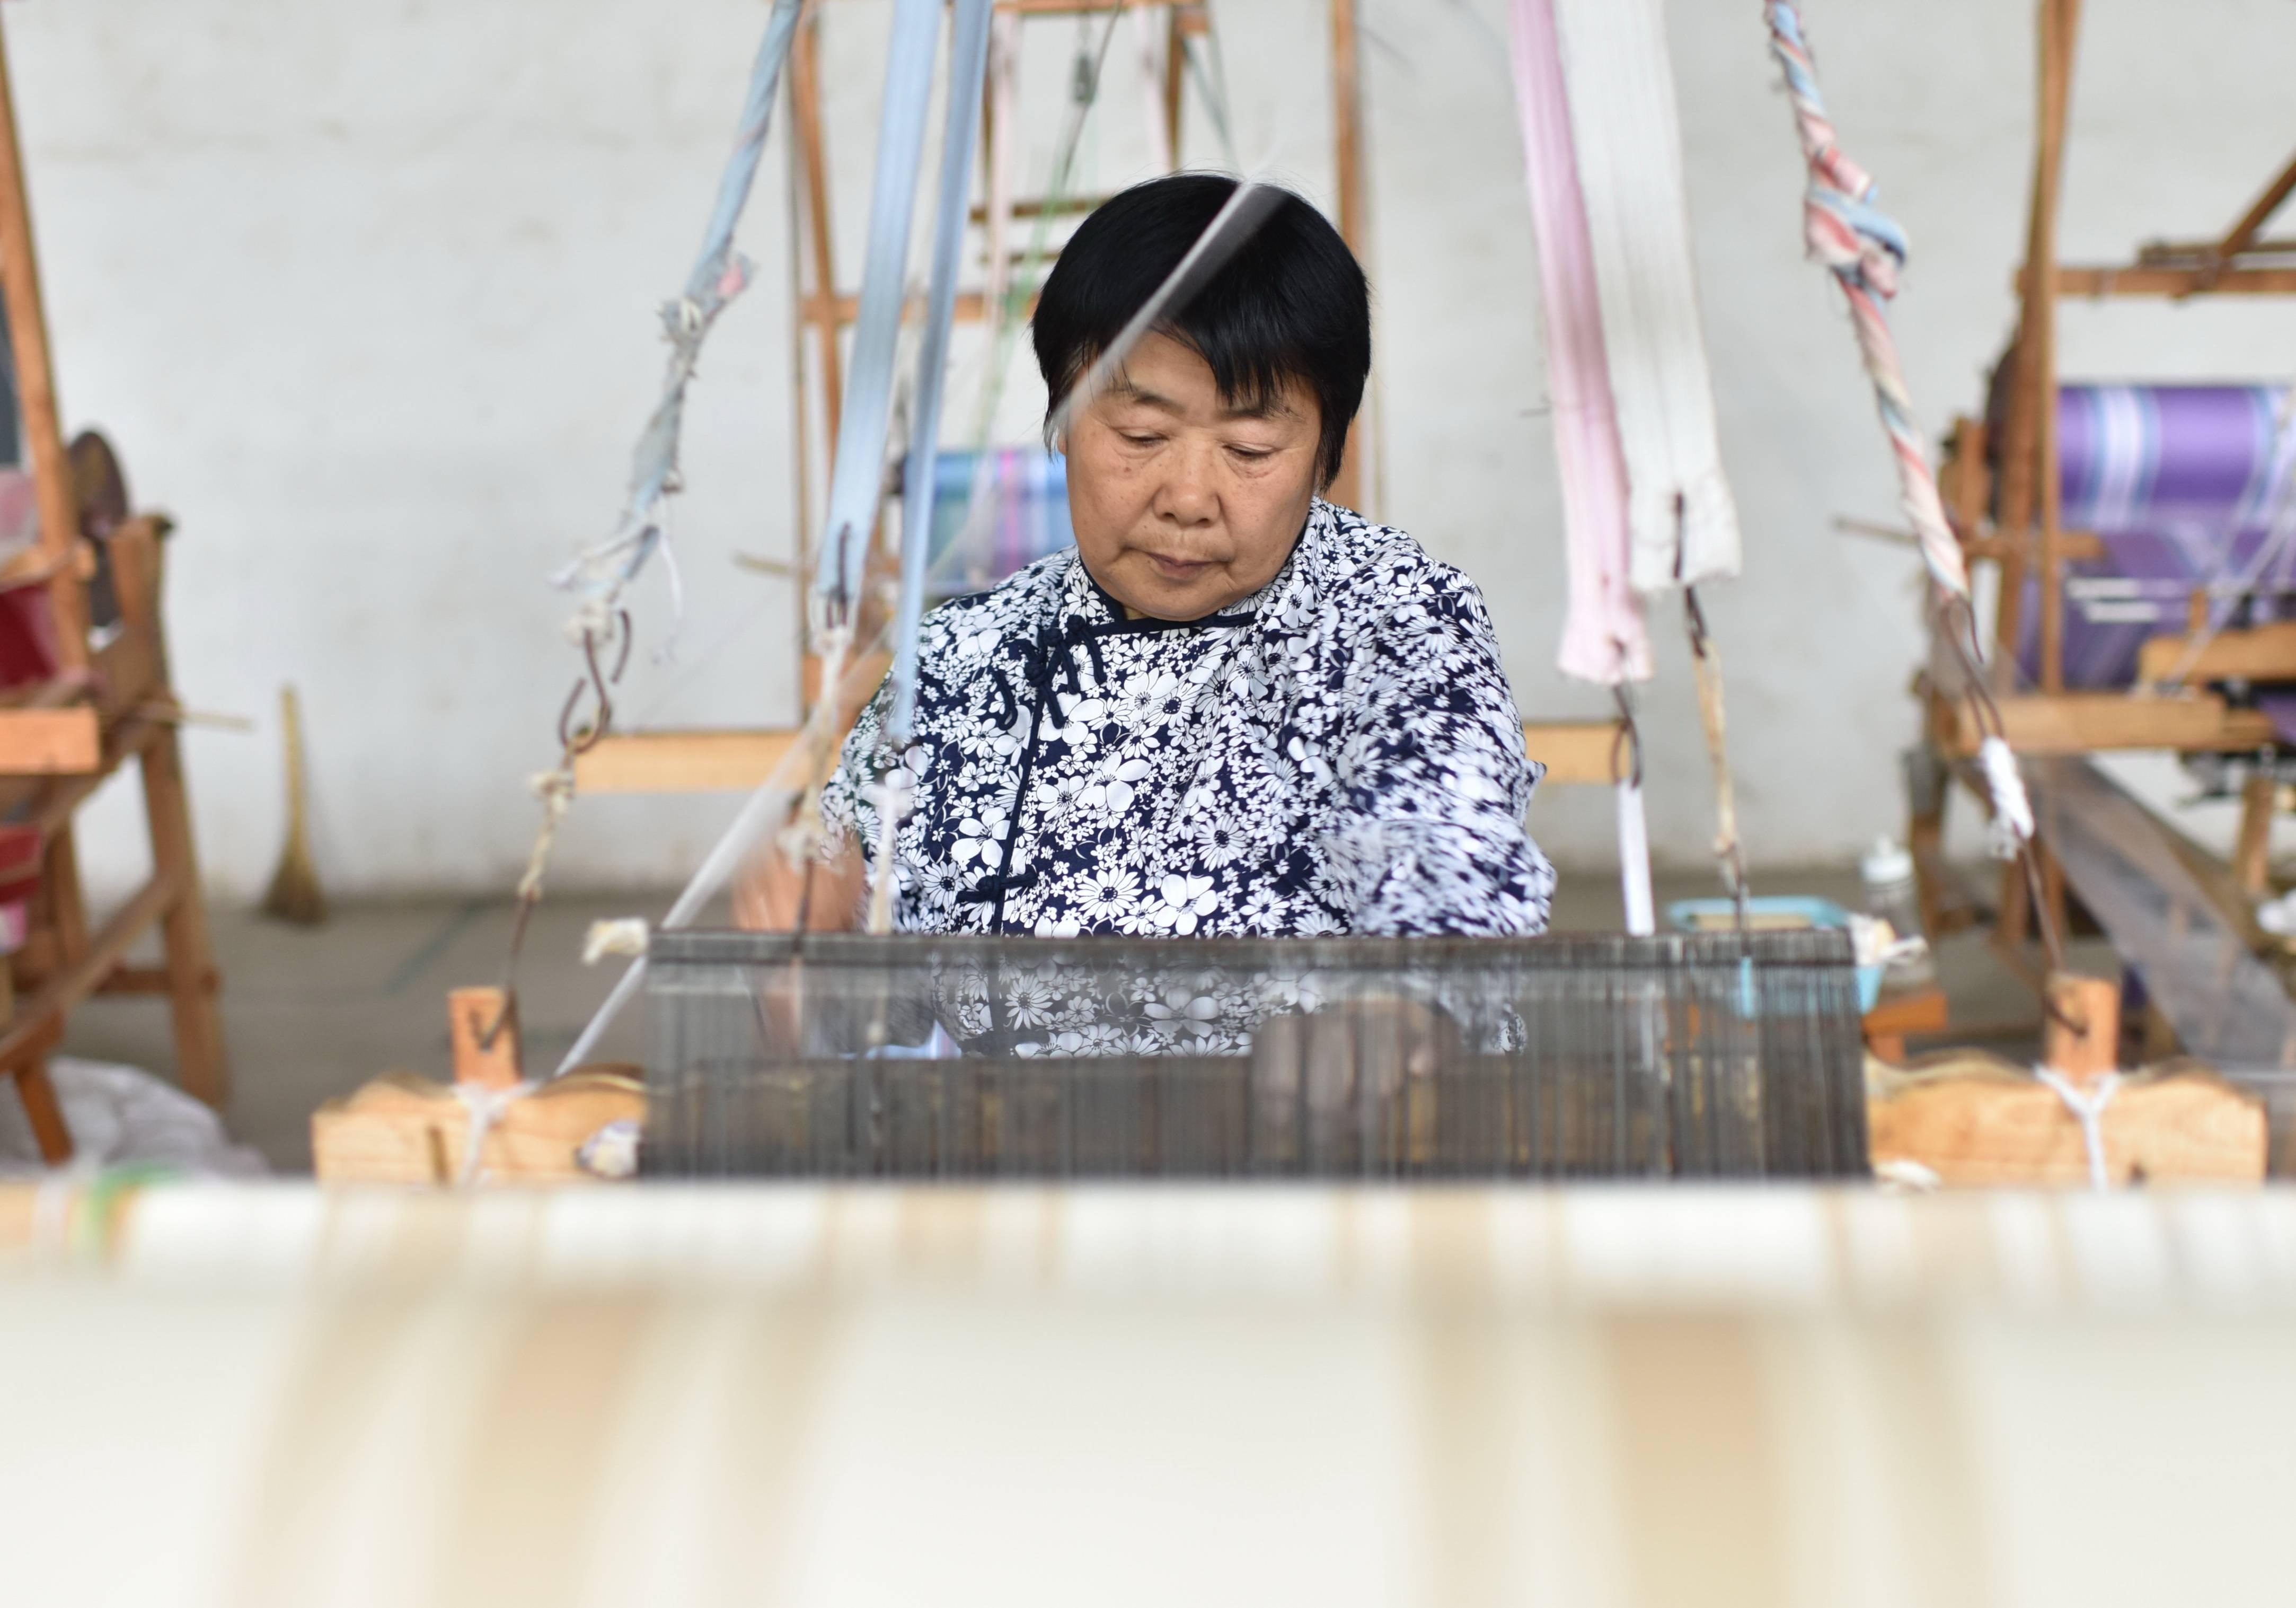 河北衡水:发展手织粗布产业助力脱贫攻坚